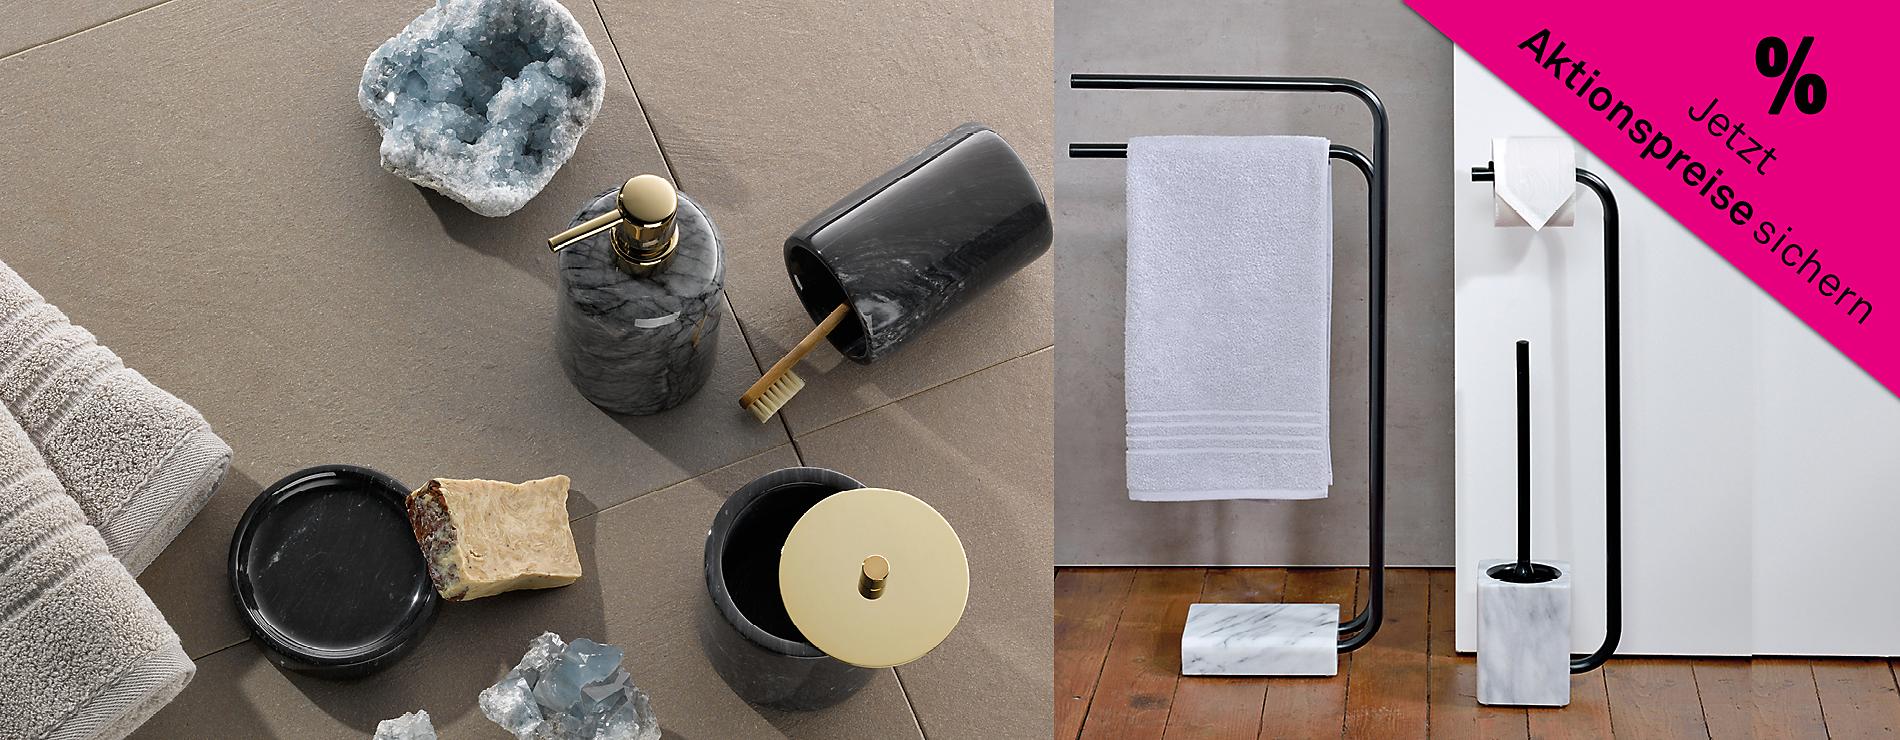 Hochwertige Bad-Accessoires von Kela